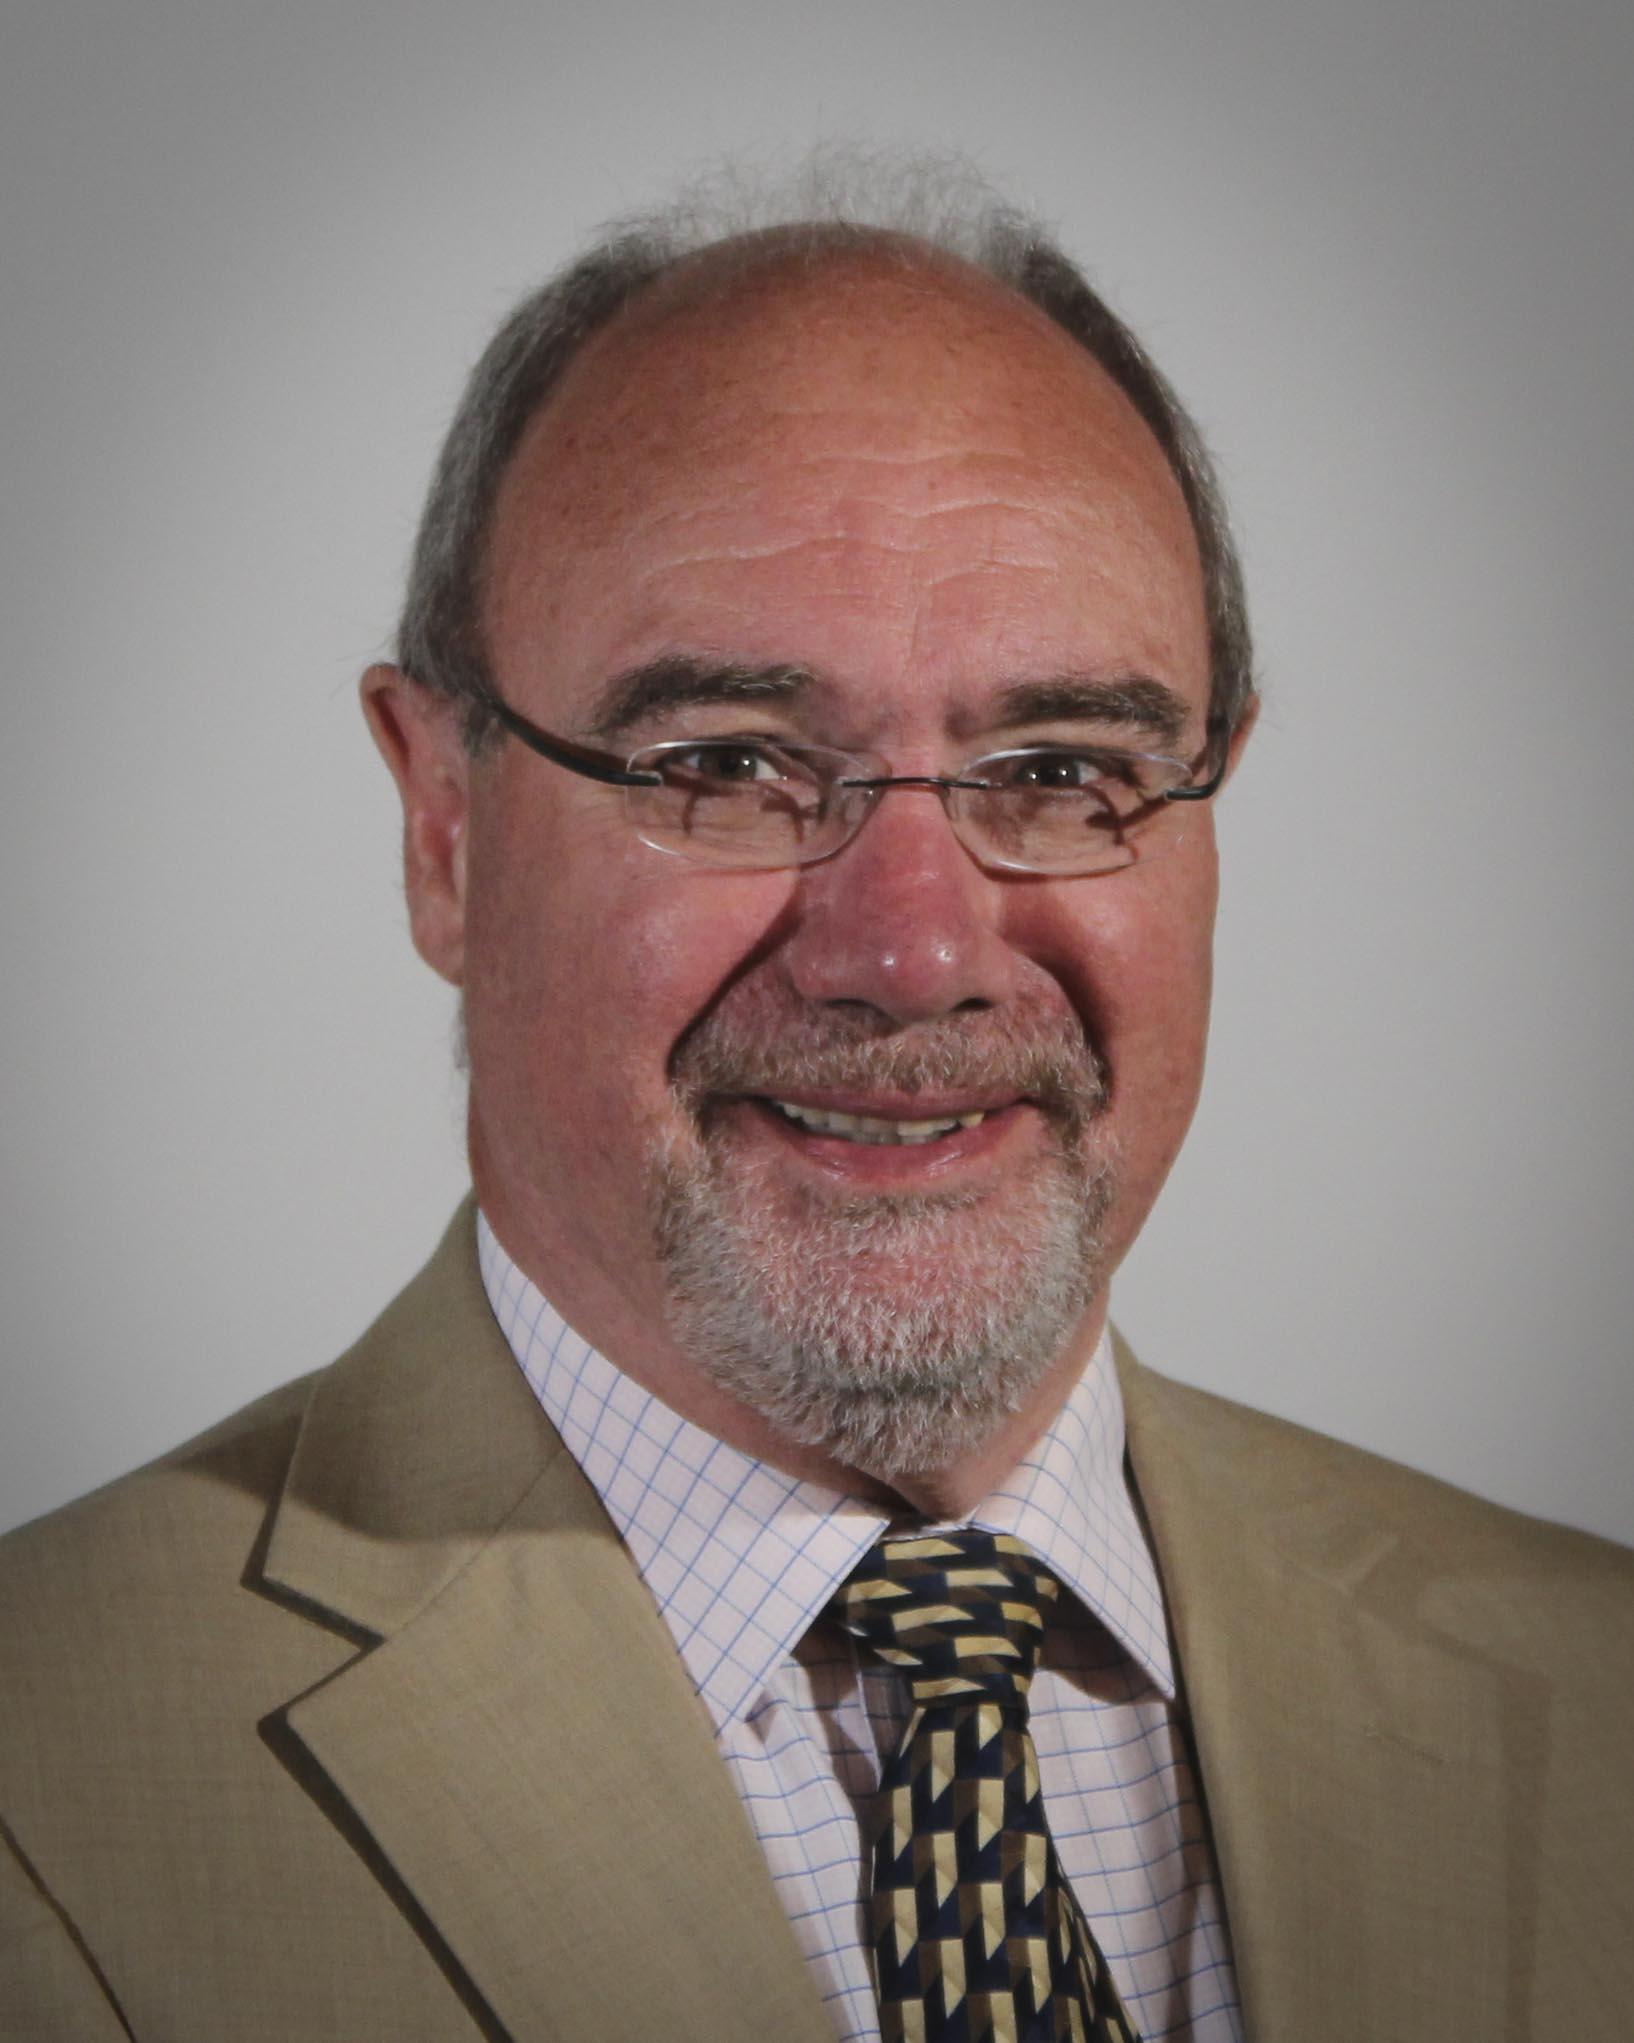 Alan Hulme-Lowe